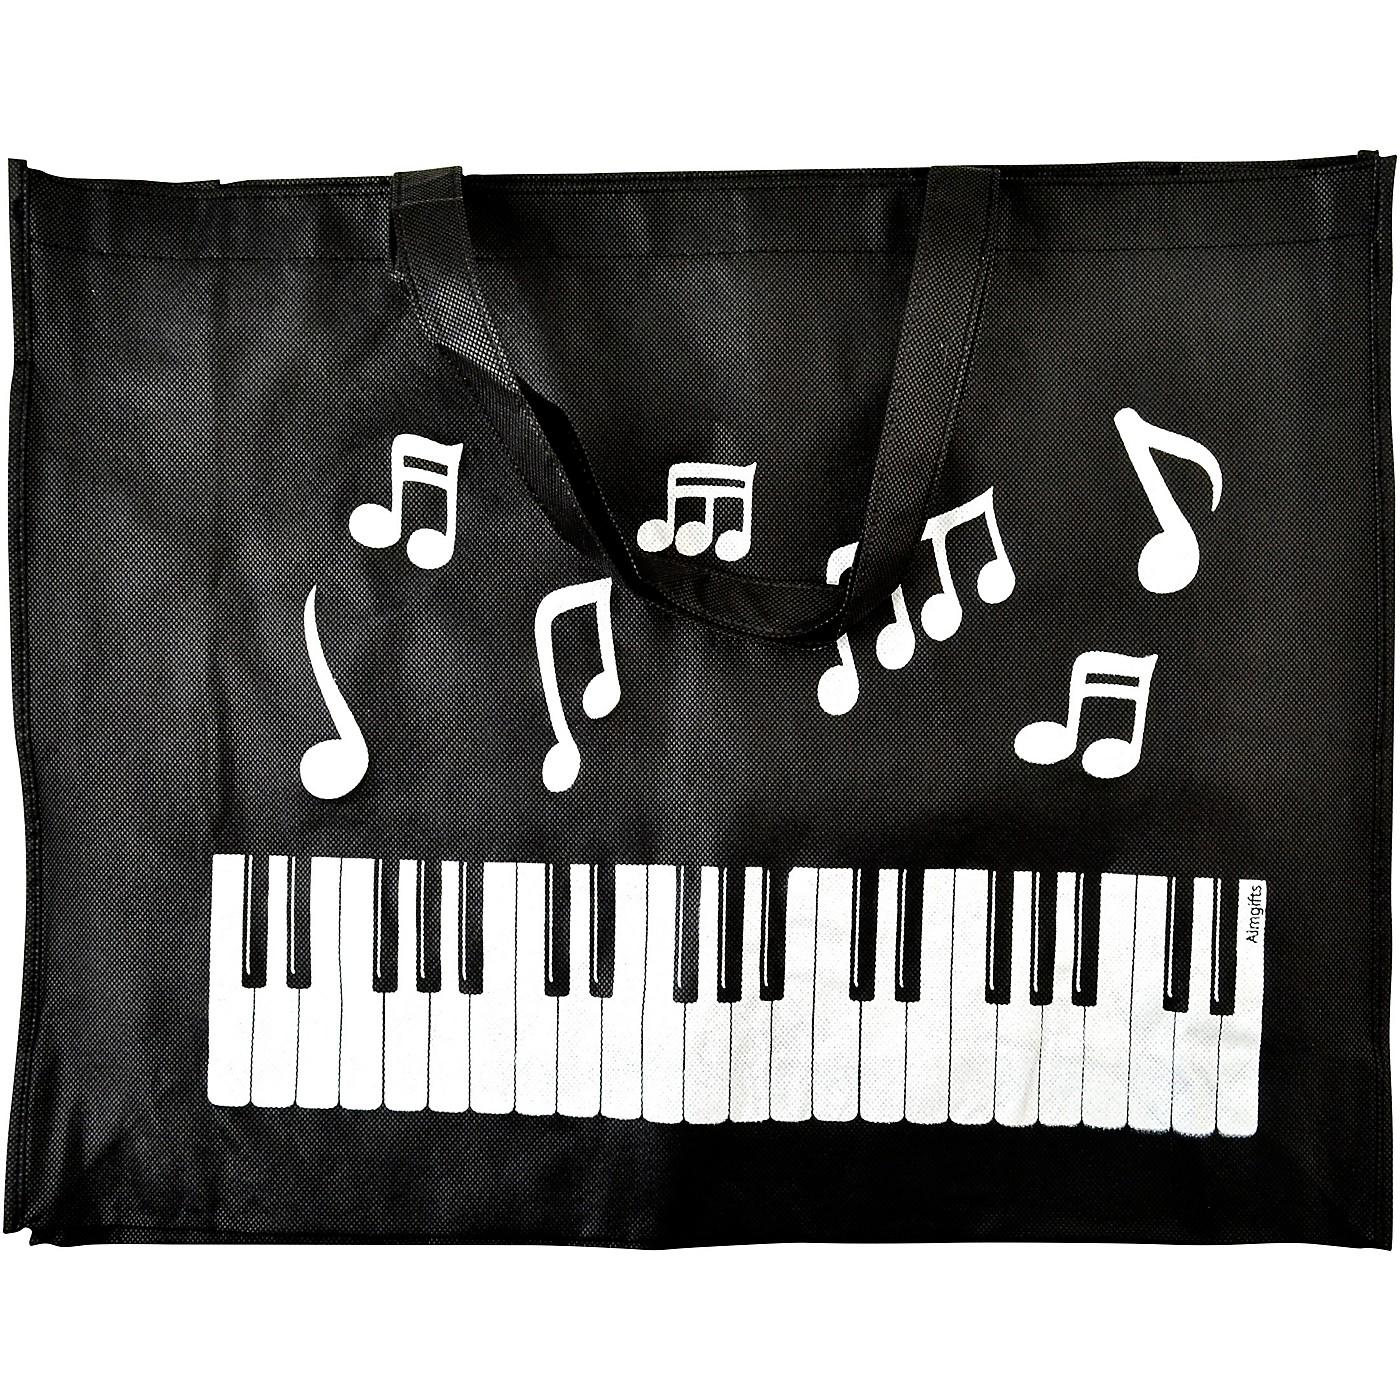 AIM Keyboard Notes Reusable Black Tote Bag thumbnail